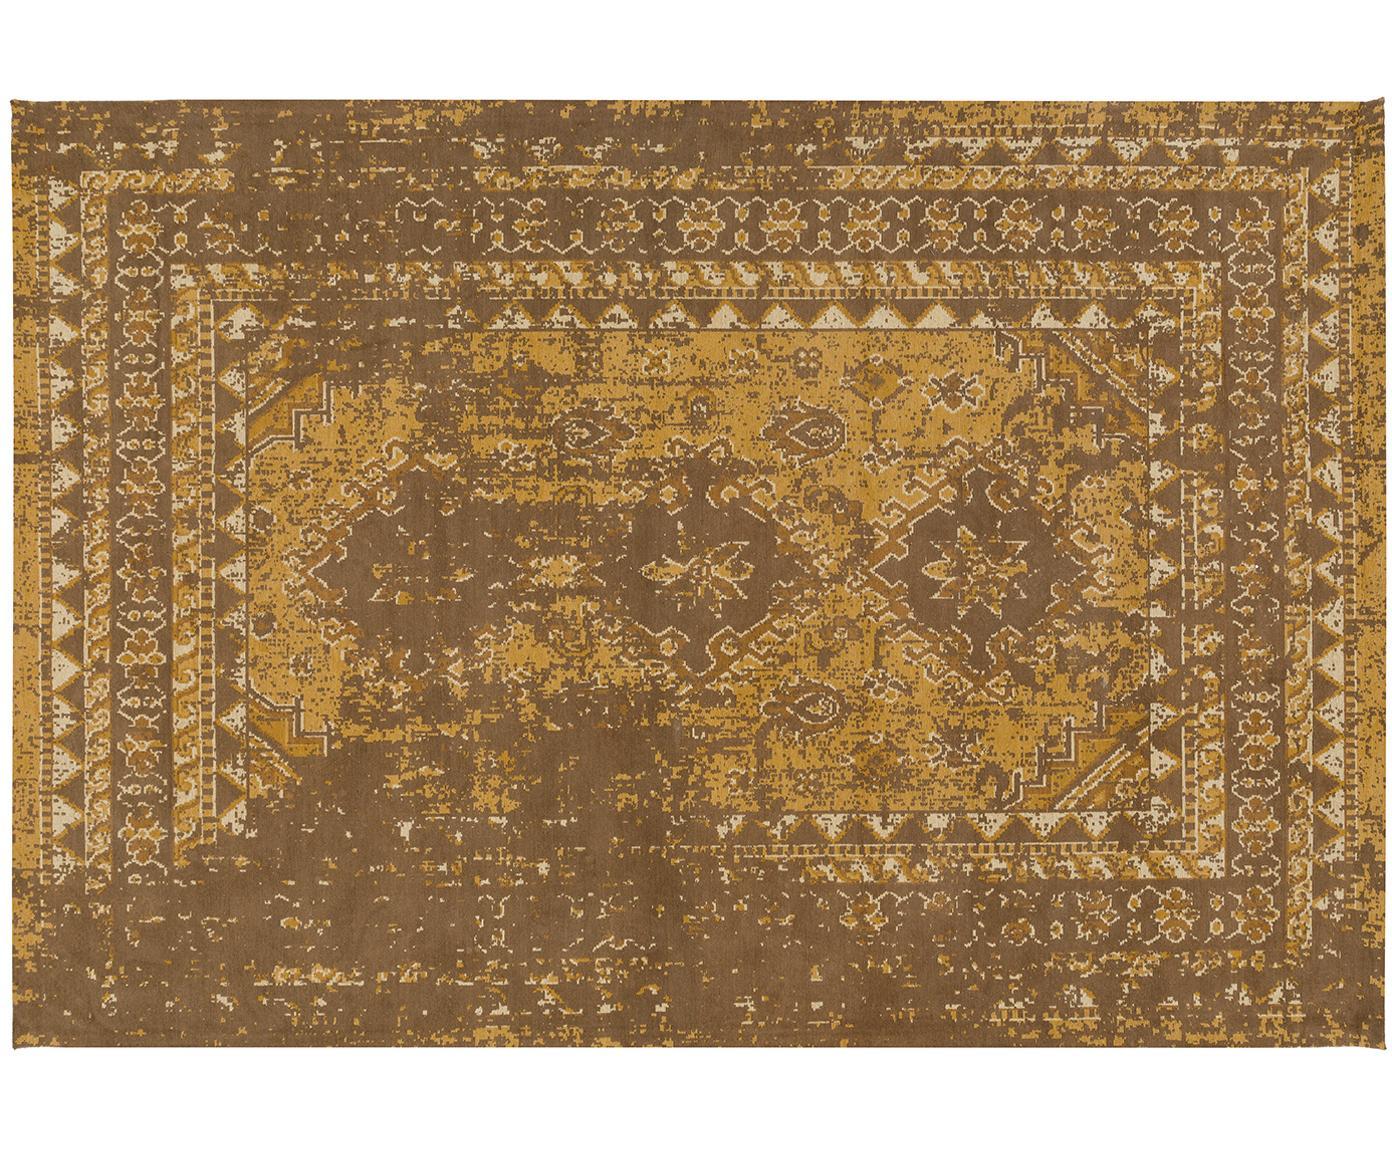 Vintage Chenilleteppich Rebel in Senfgelb, Flor: 95% Baumwolle, 5% Polyest, Gelb, Creme, Braun, B 160 x L 230 cm (Größe M)